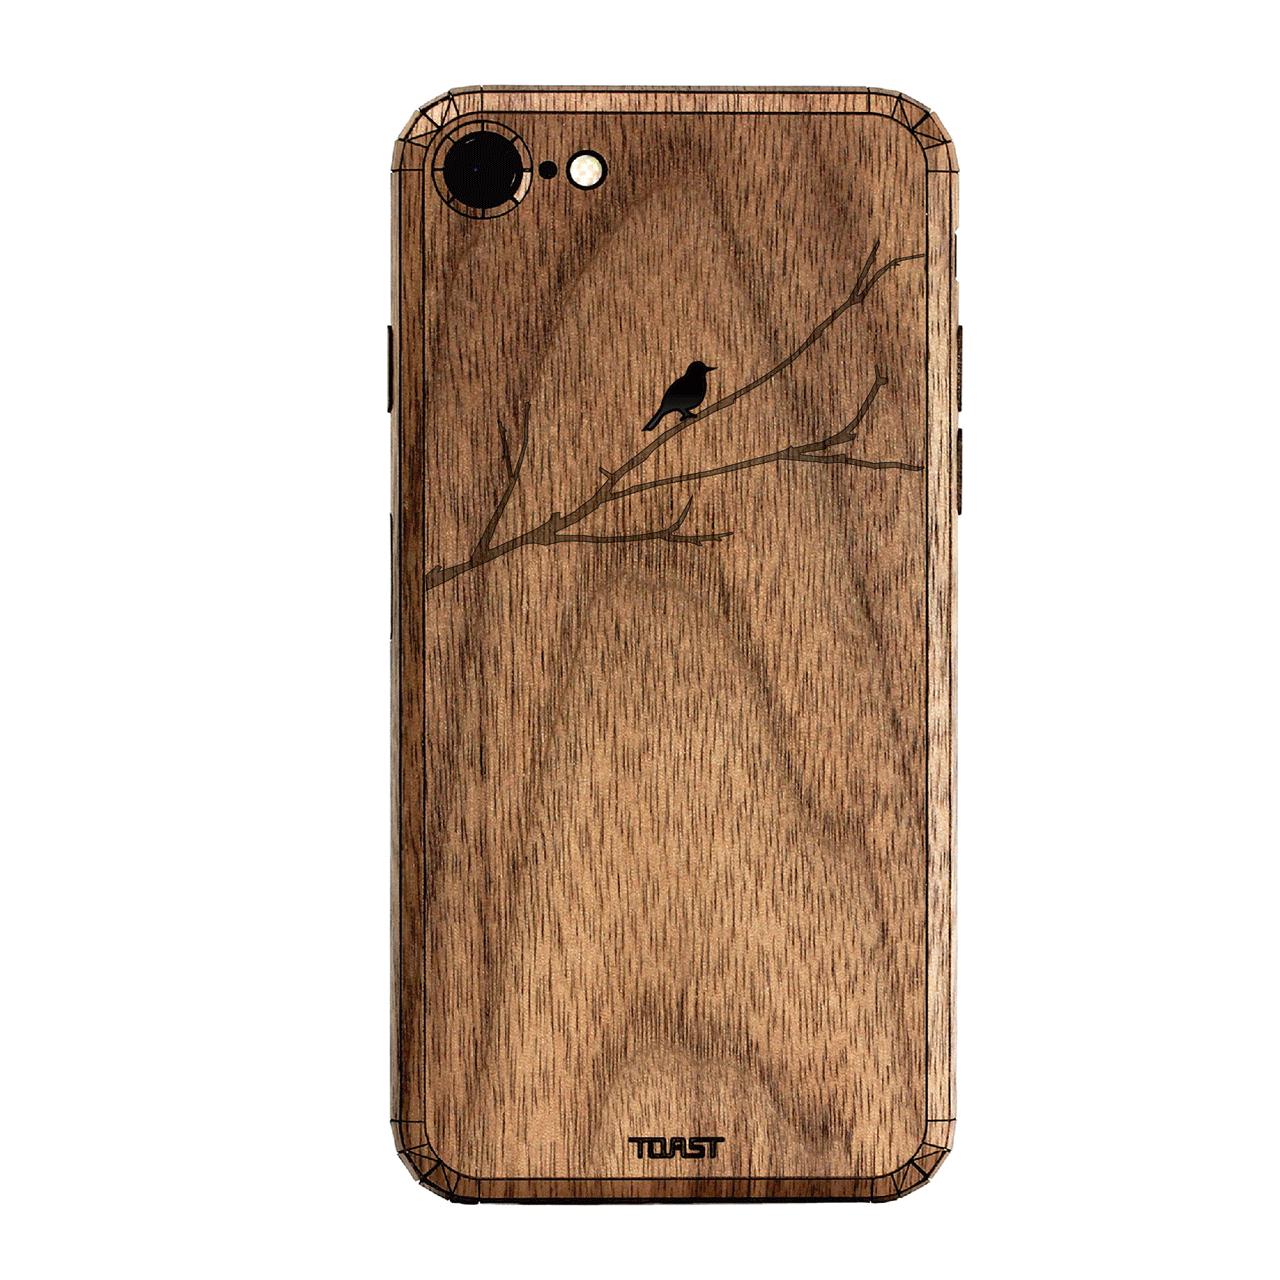 کاور چوبی تست مدل Bird On Branch مناسب برای گوشی های موبایل آیفون7 در رنگ های مشکی مات و مشکی براق